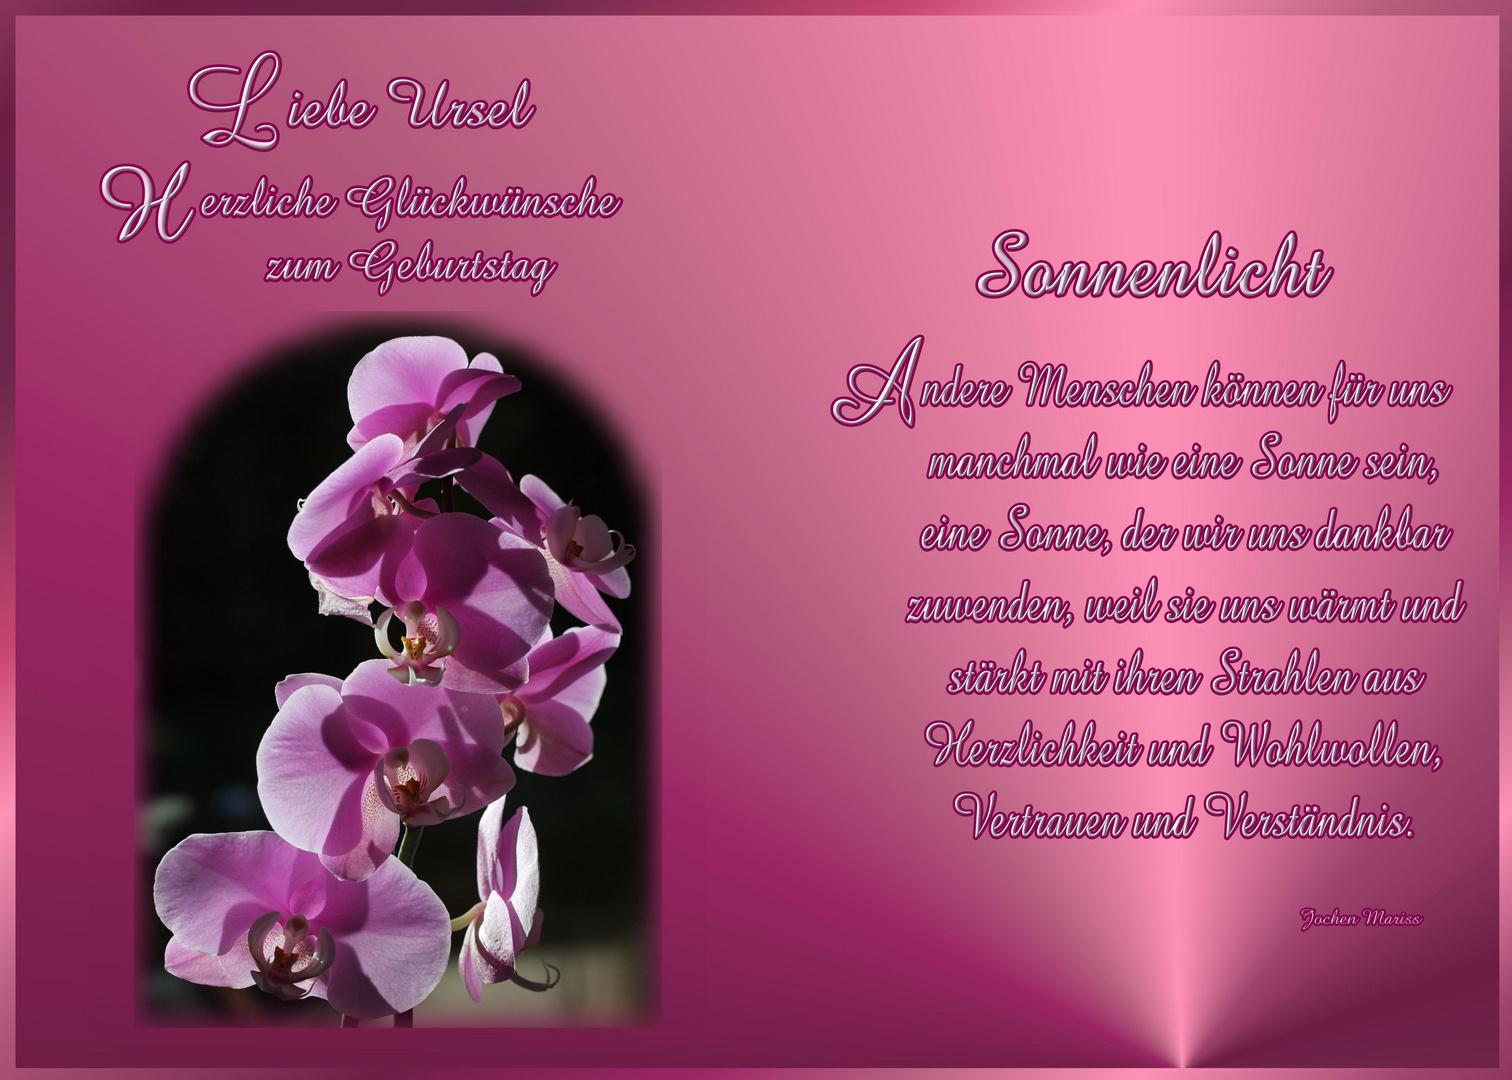 Alles Liebe zum Geburtstag Foto & Bild   gratulation und